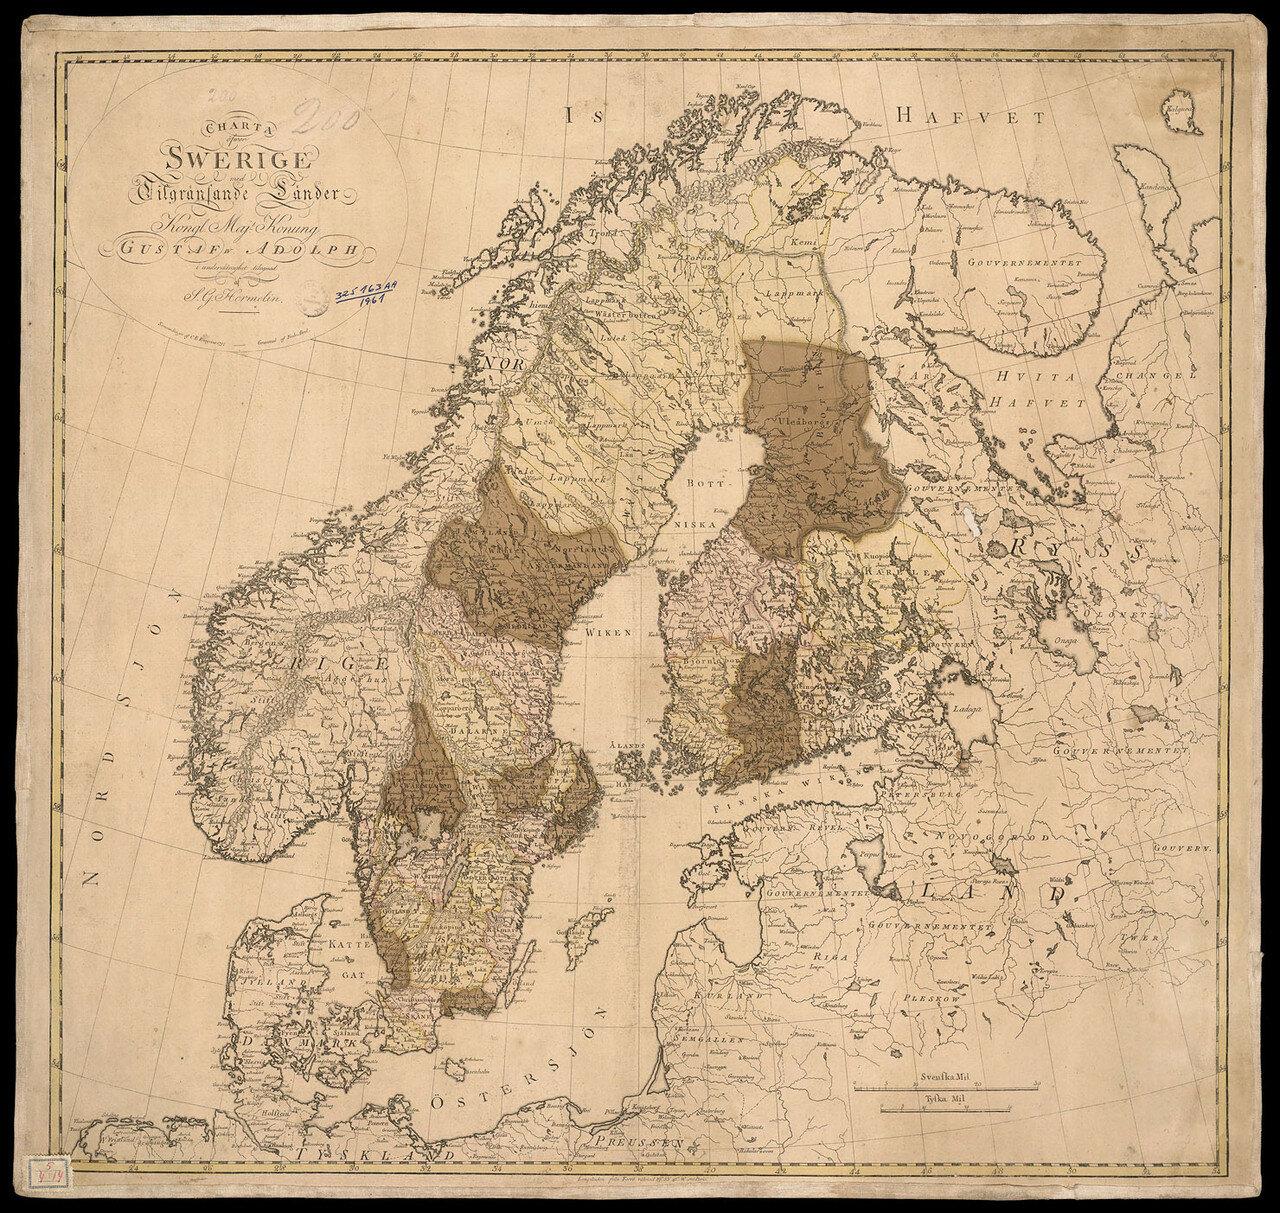 1797. Карта Скандинавских стран и Европейской части Российской империи